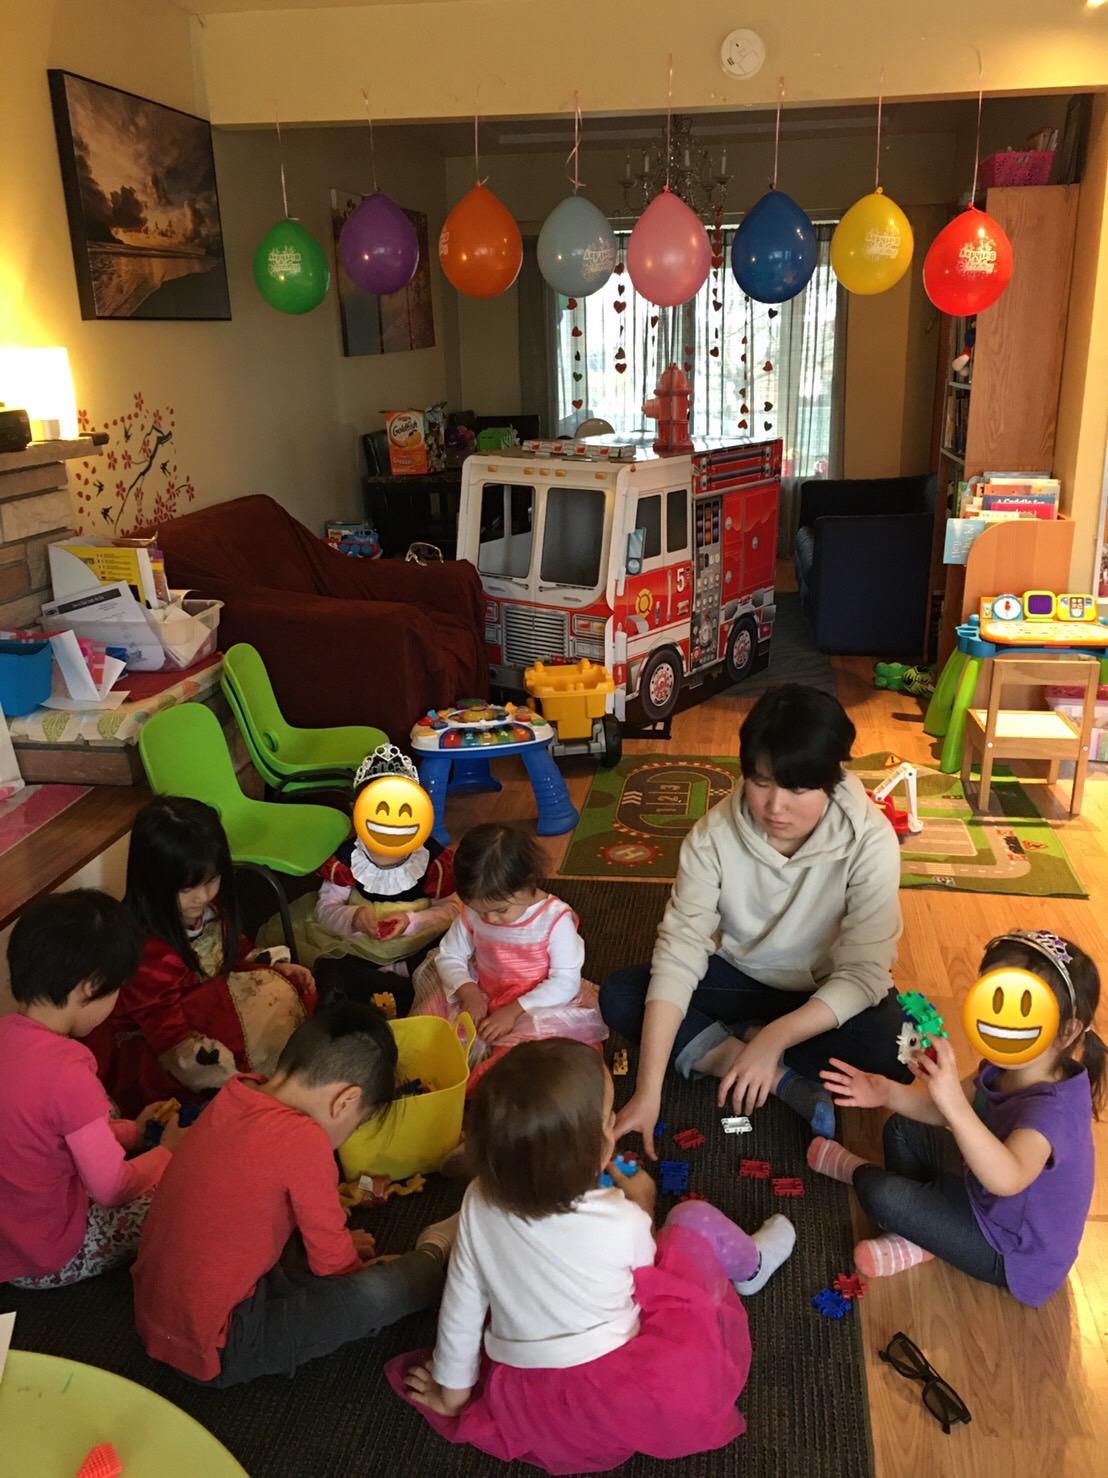 日本での経験を活かしてカナダ留学!